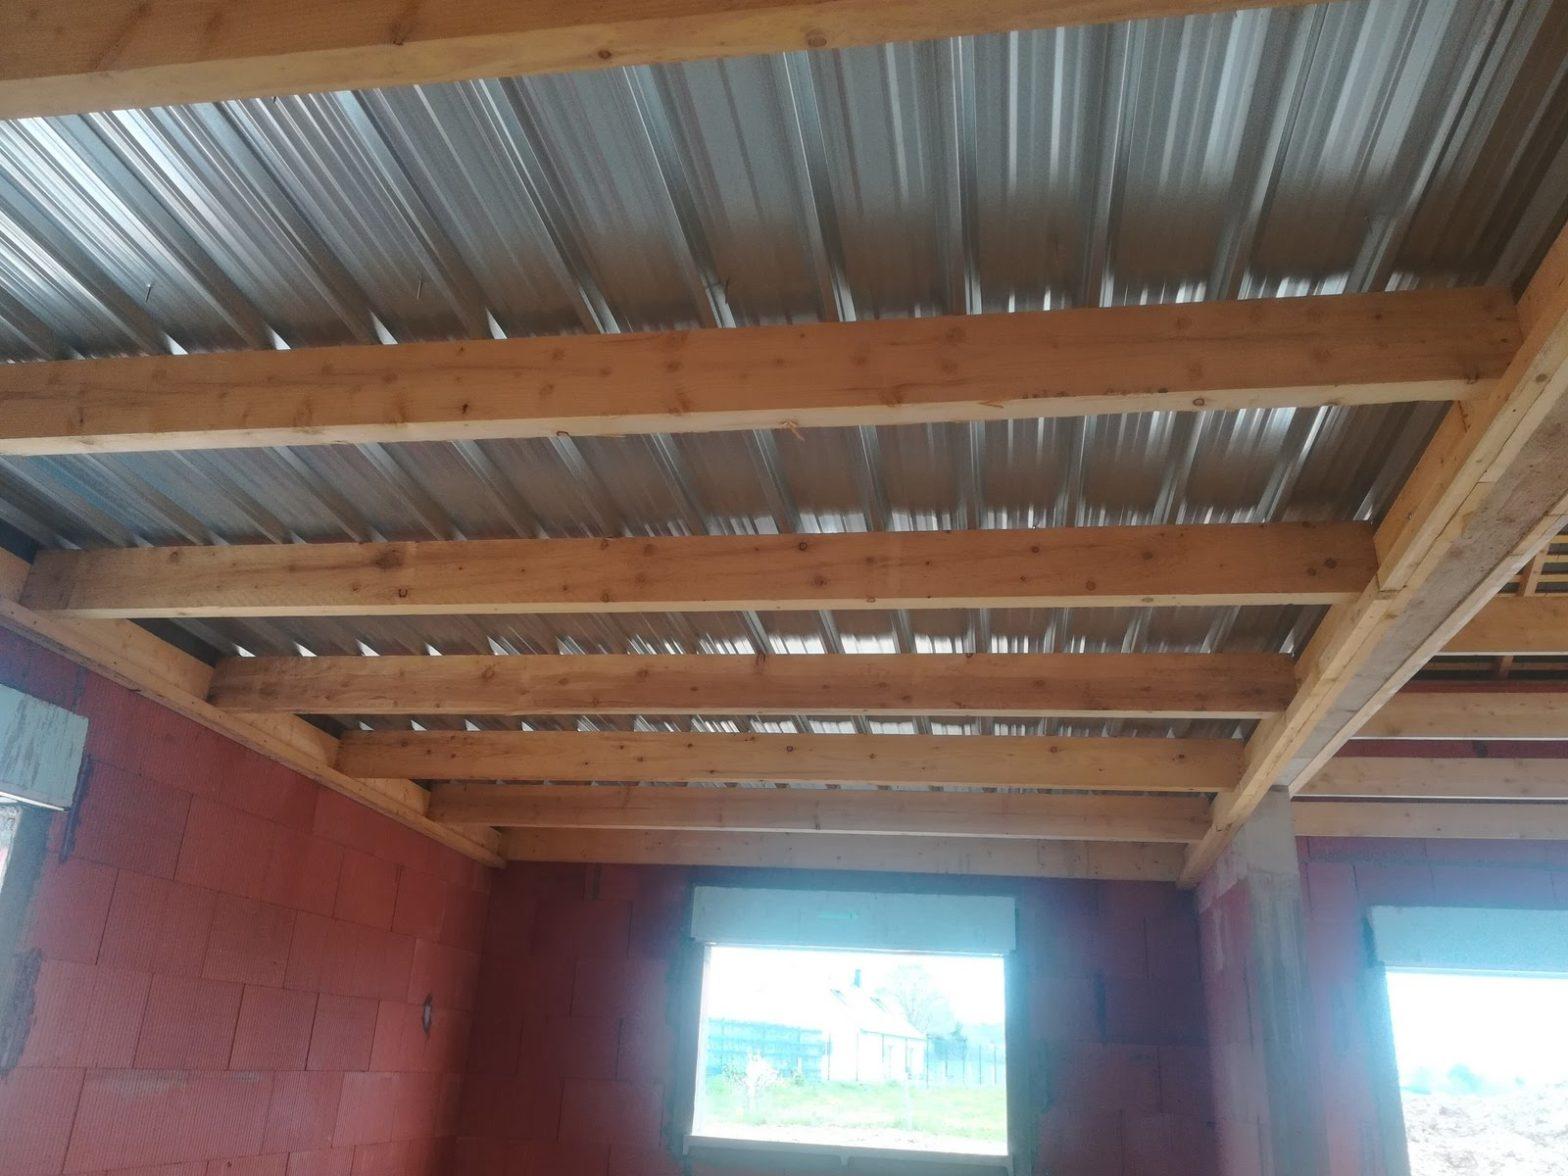 ossature-bois-bac-acier-toit-terrasse